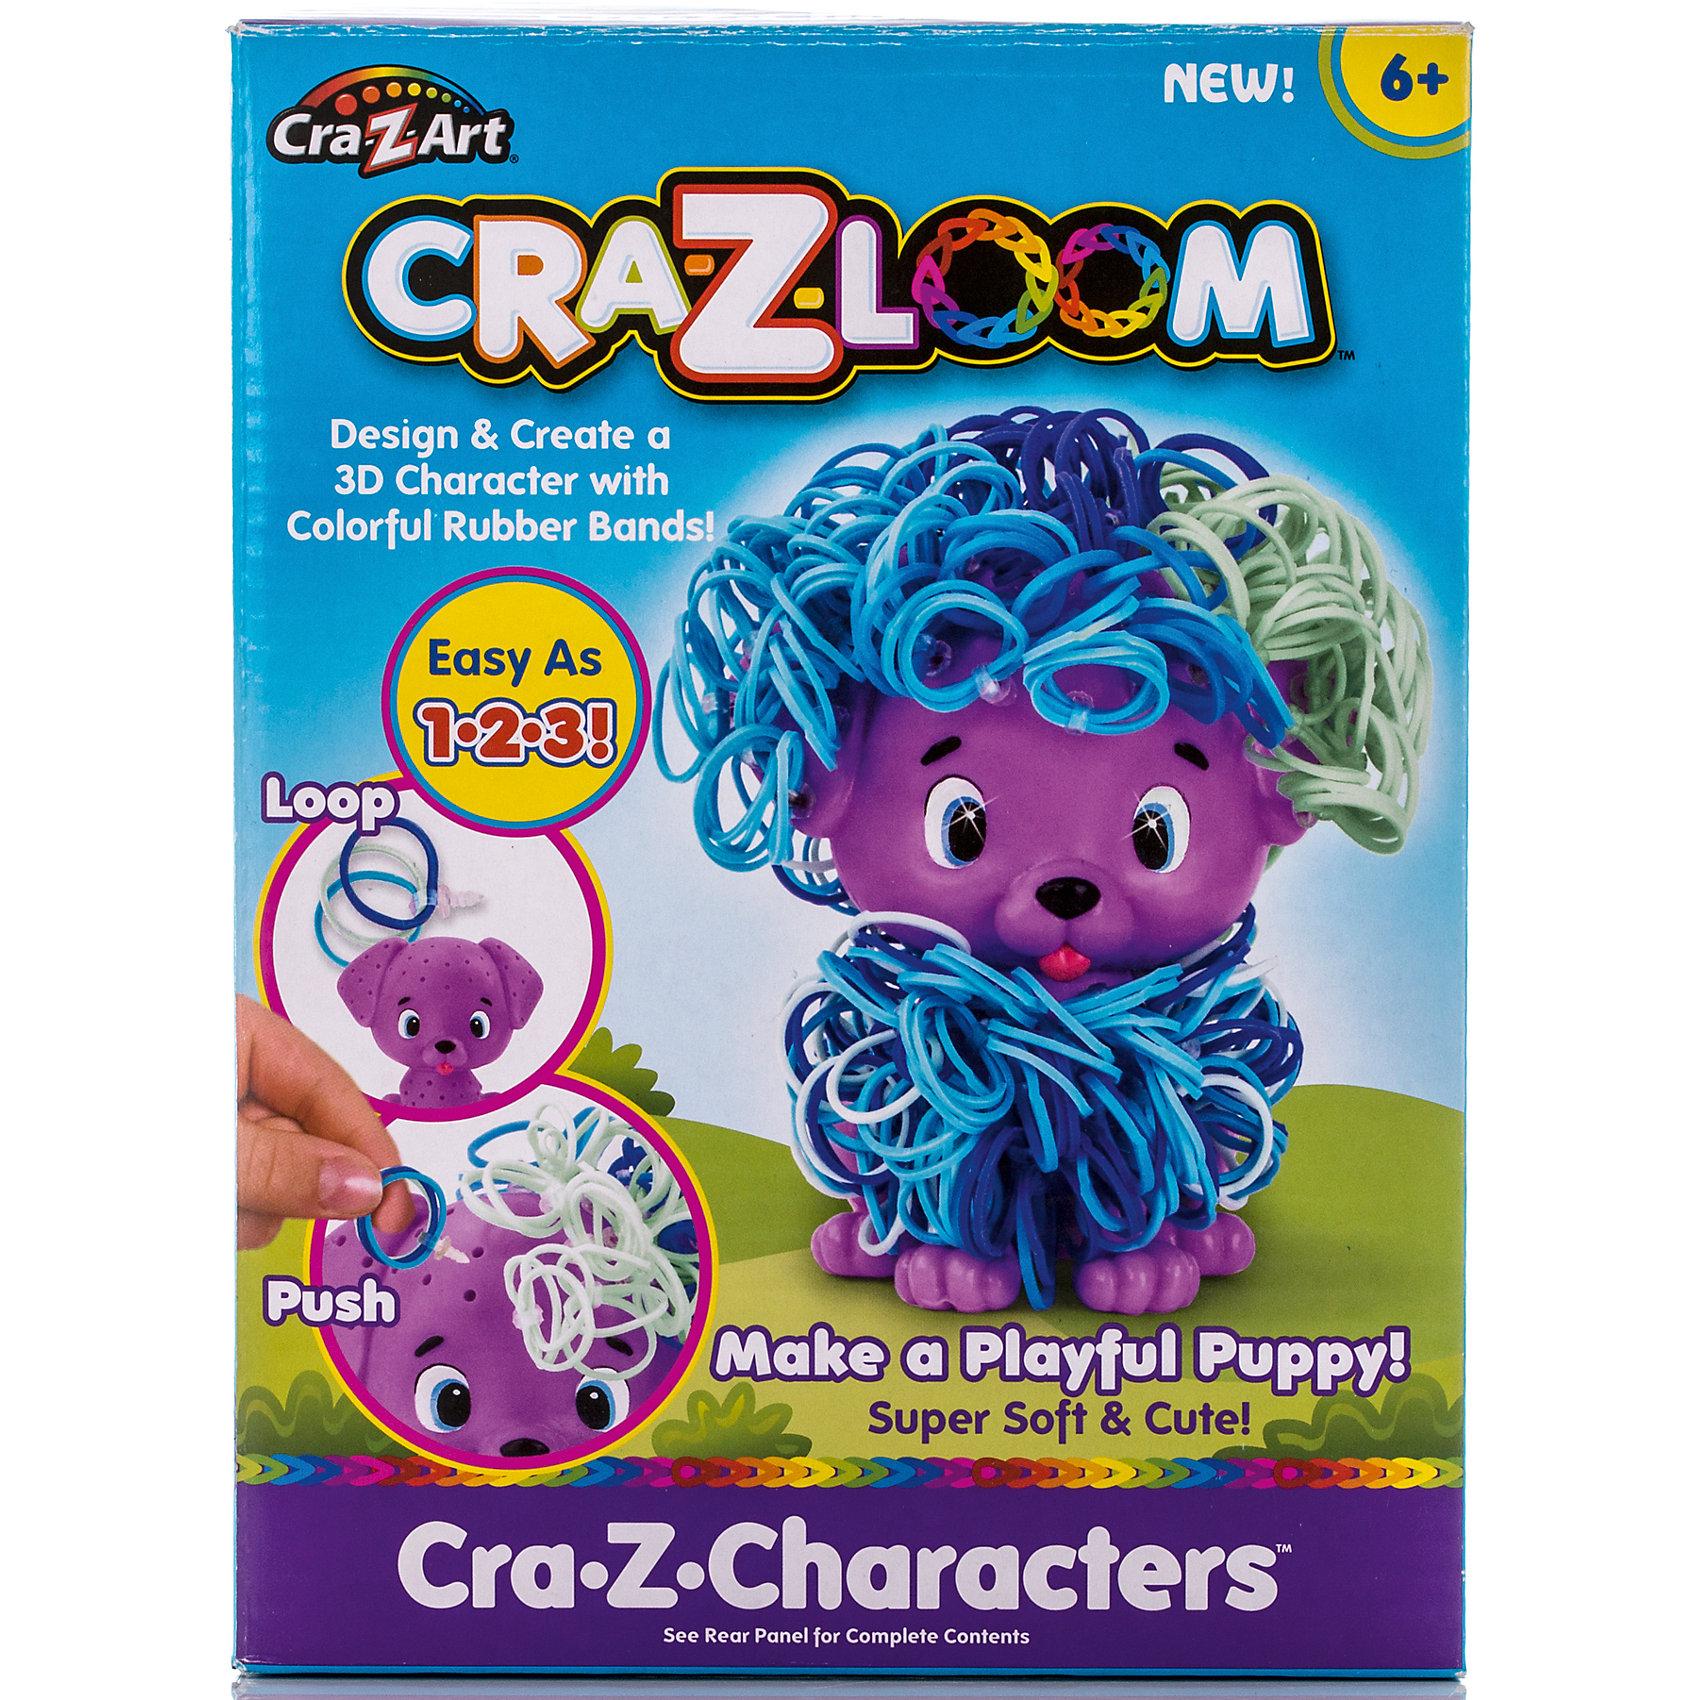 Crazy Loom Набор для плетения из резиночек Щенок, Cra-Z-Loom с клипсы rainbow loom для плетения браслетов из резиночек rainbow loom